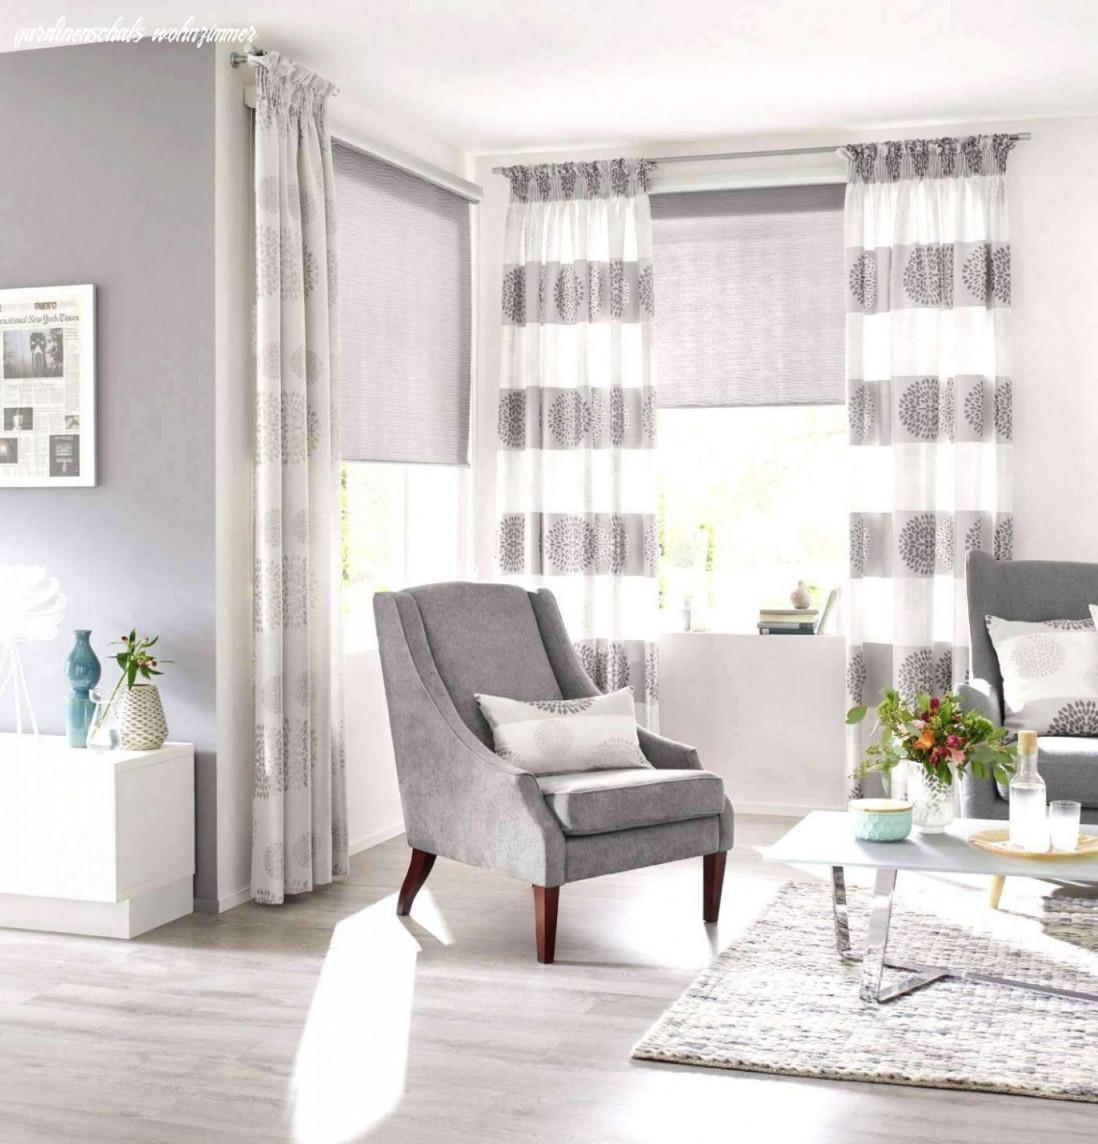 Quiz Wie Viel Wissen Sie Über Gardinenschals Wohnzimmer In von Wohnzimmer Gardinen Schals Bild